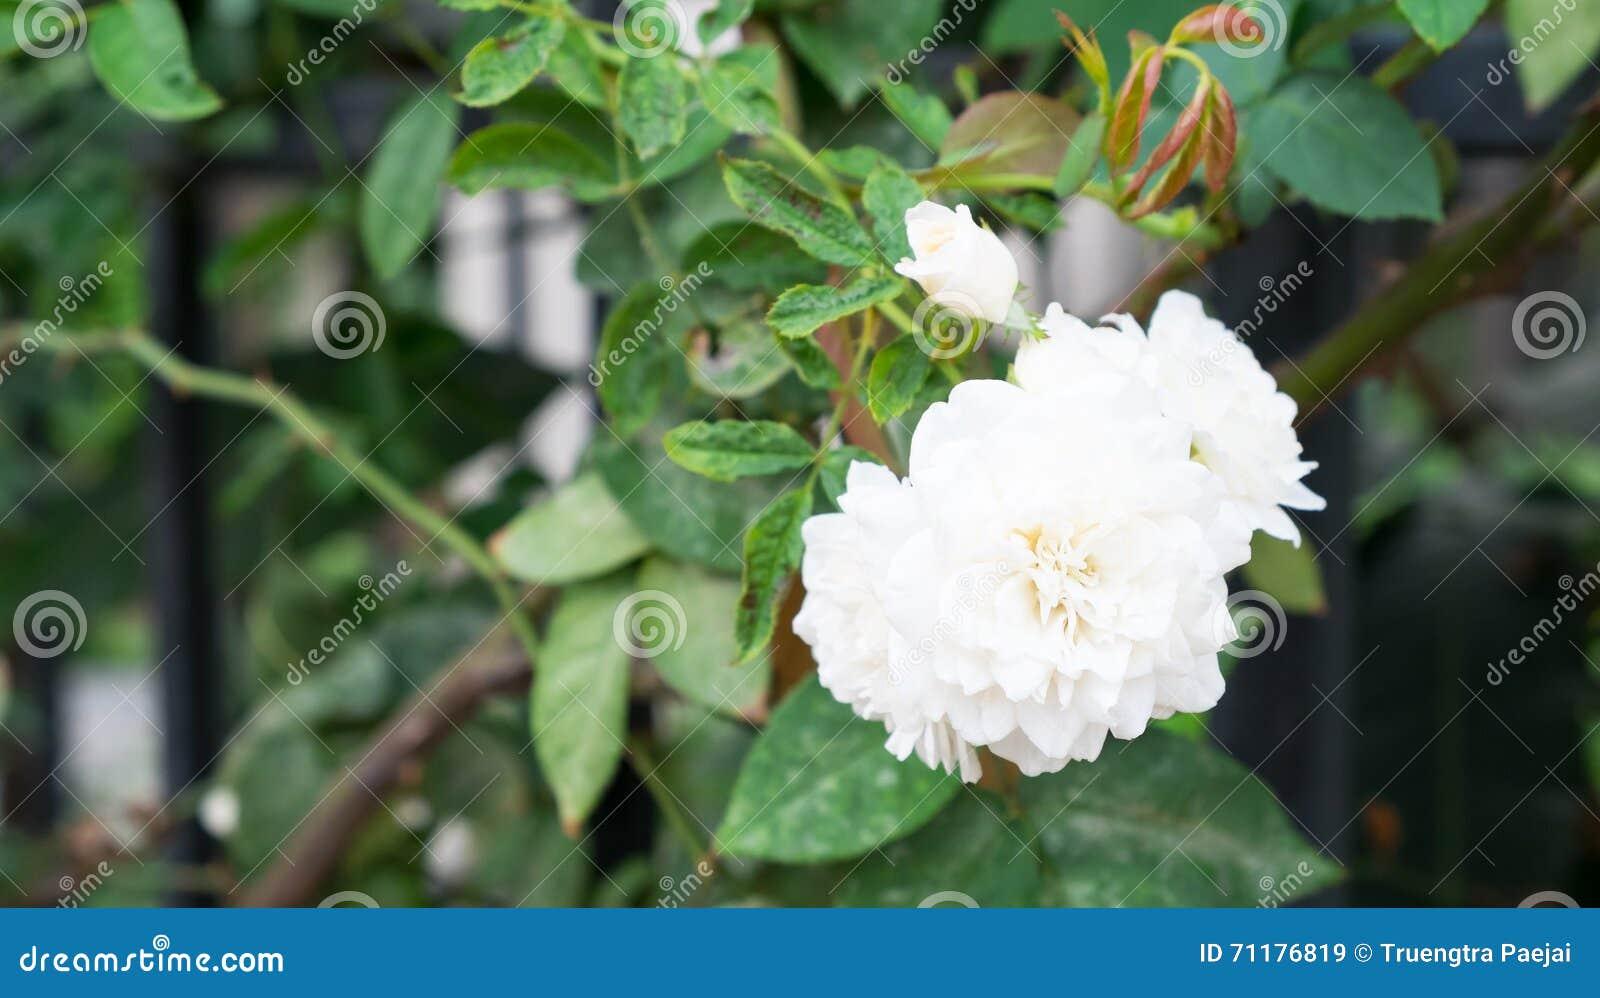 Gardenia flower stock image image of leaf bloom branch 71176819 gardenia flower mightylinksfo